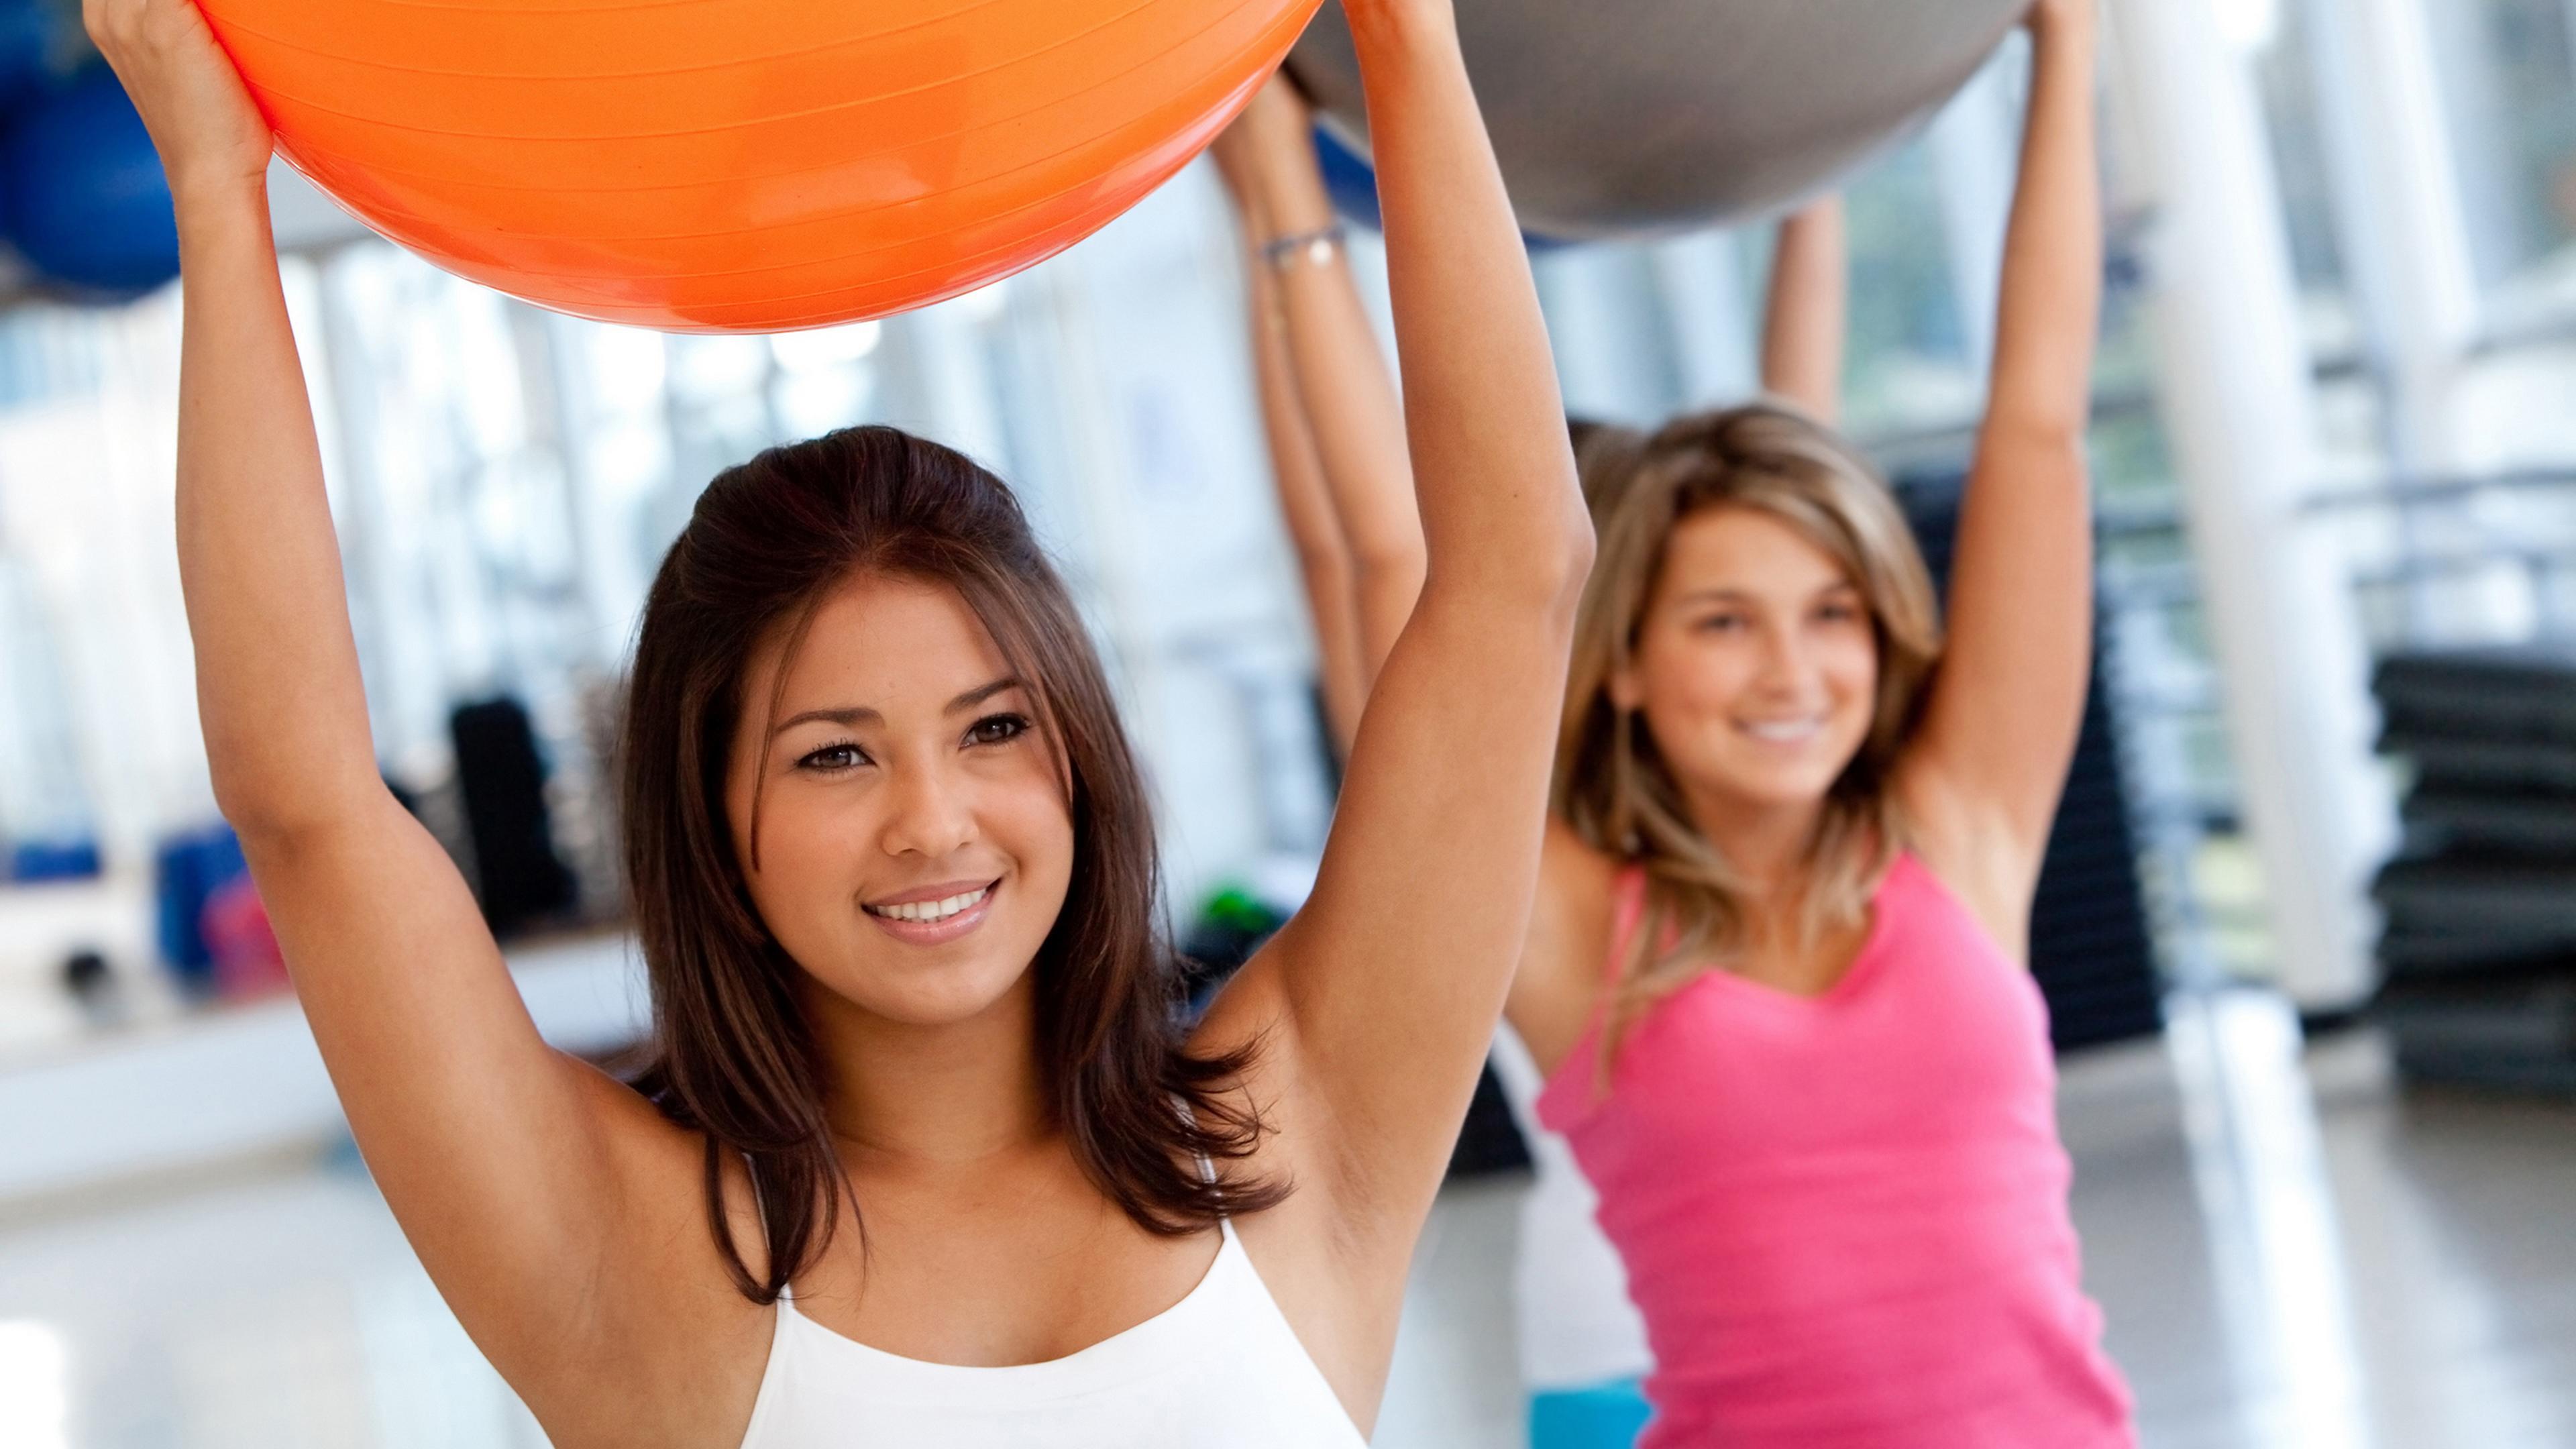 Молодые девушки с шарами в спортзале